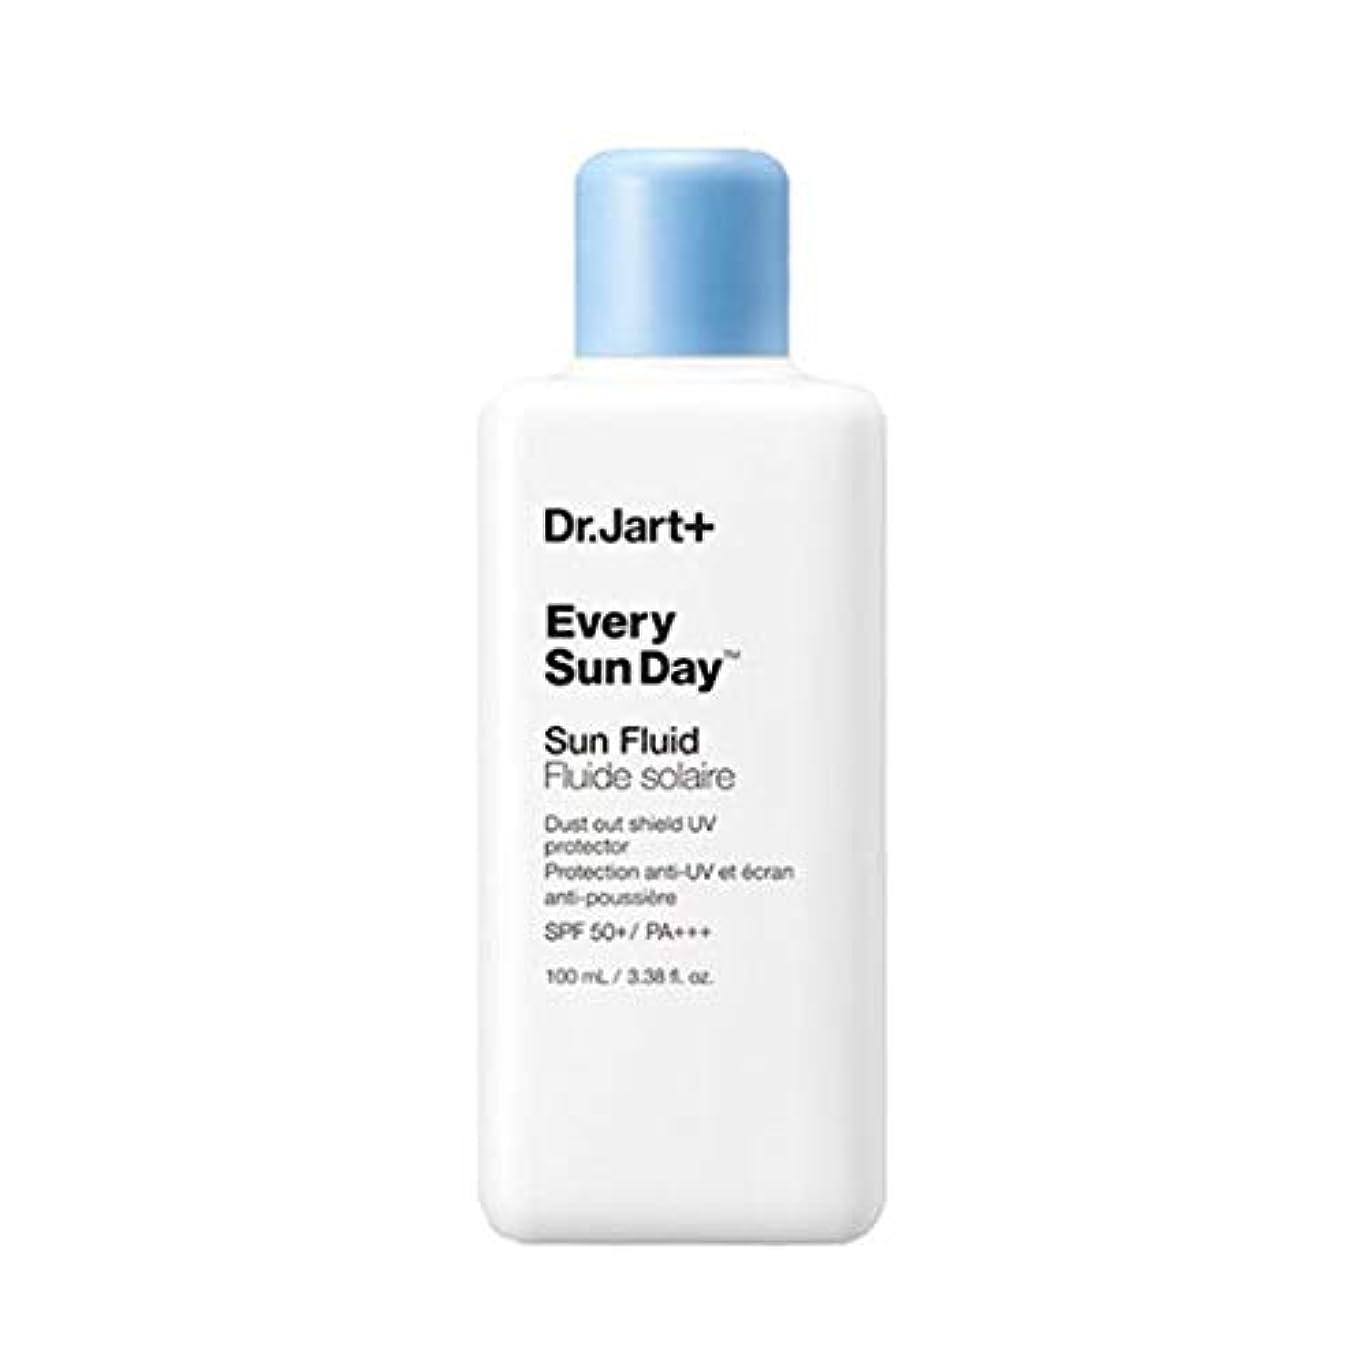 スペシャリスト時間とともにソファードクタージャルトゥエヴリサンデーソンプルルイドゥSPF50+PA+++100mlソンクリム、Dr.Jart Every Sun Day Sun Fluid SPF50+ PA+++ 100ml Sun Cream [並行輸入品]